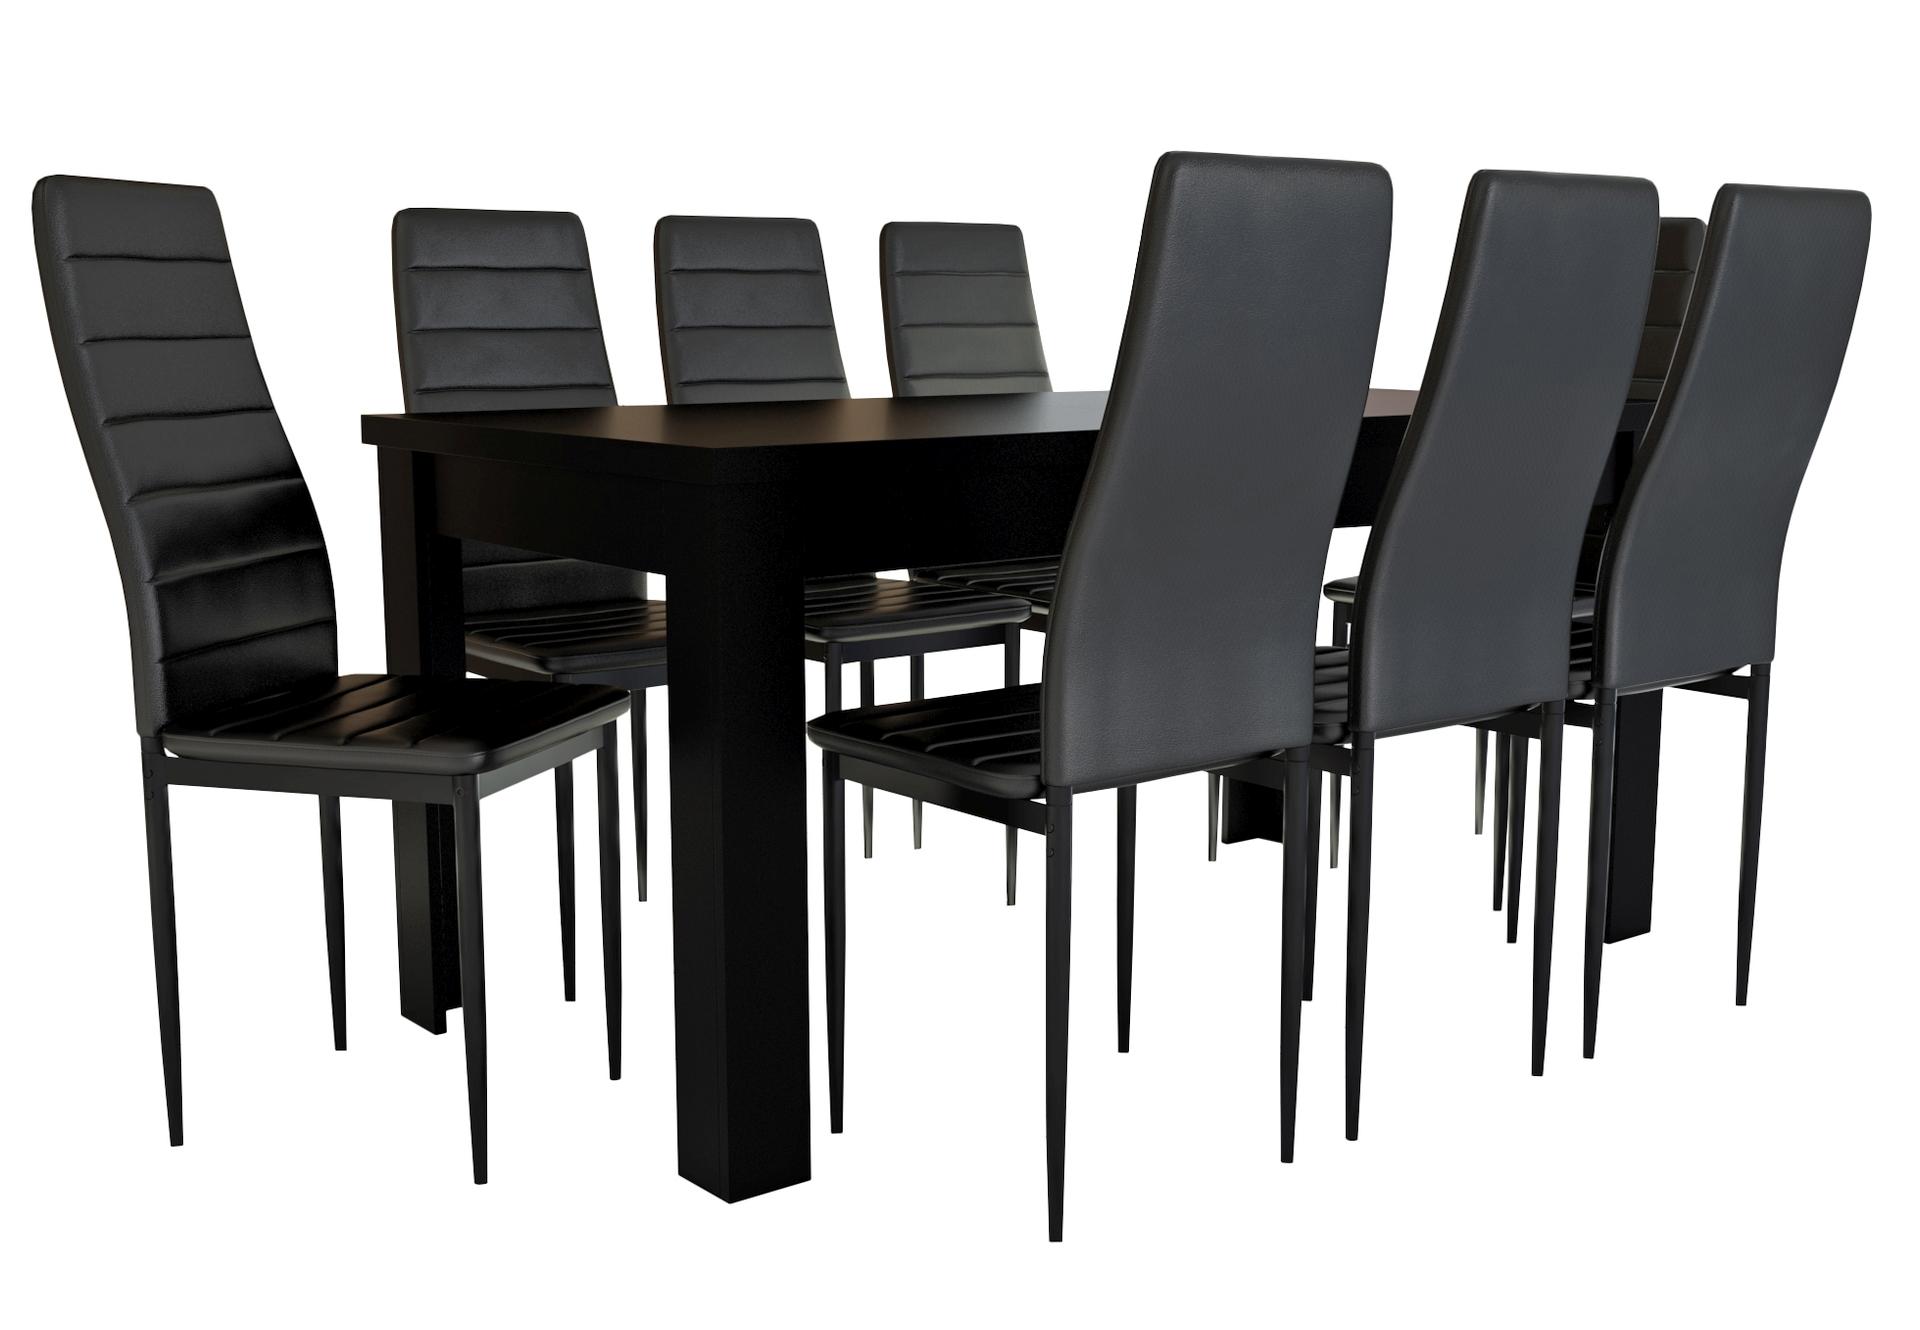 Czarny Zestaw Do Salonu Lub Jadalni Stol Krzesla